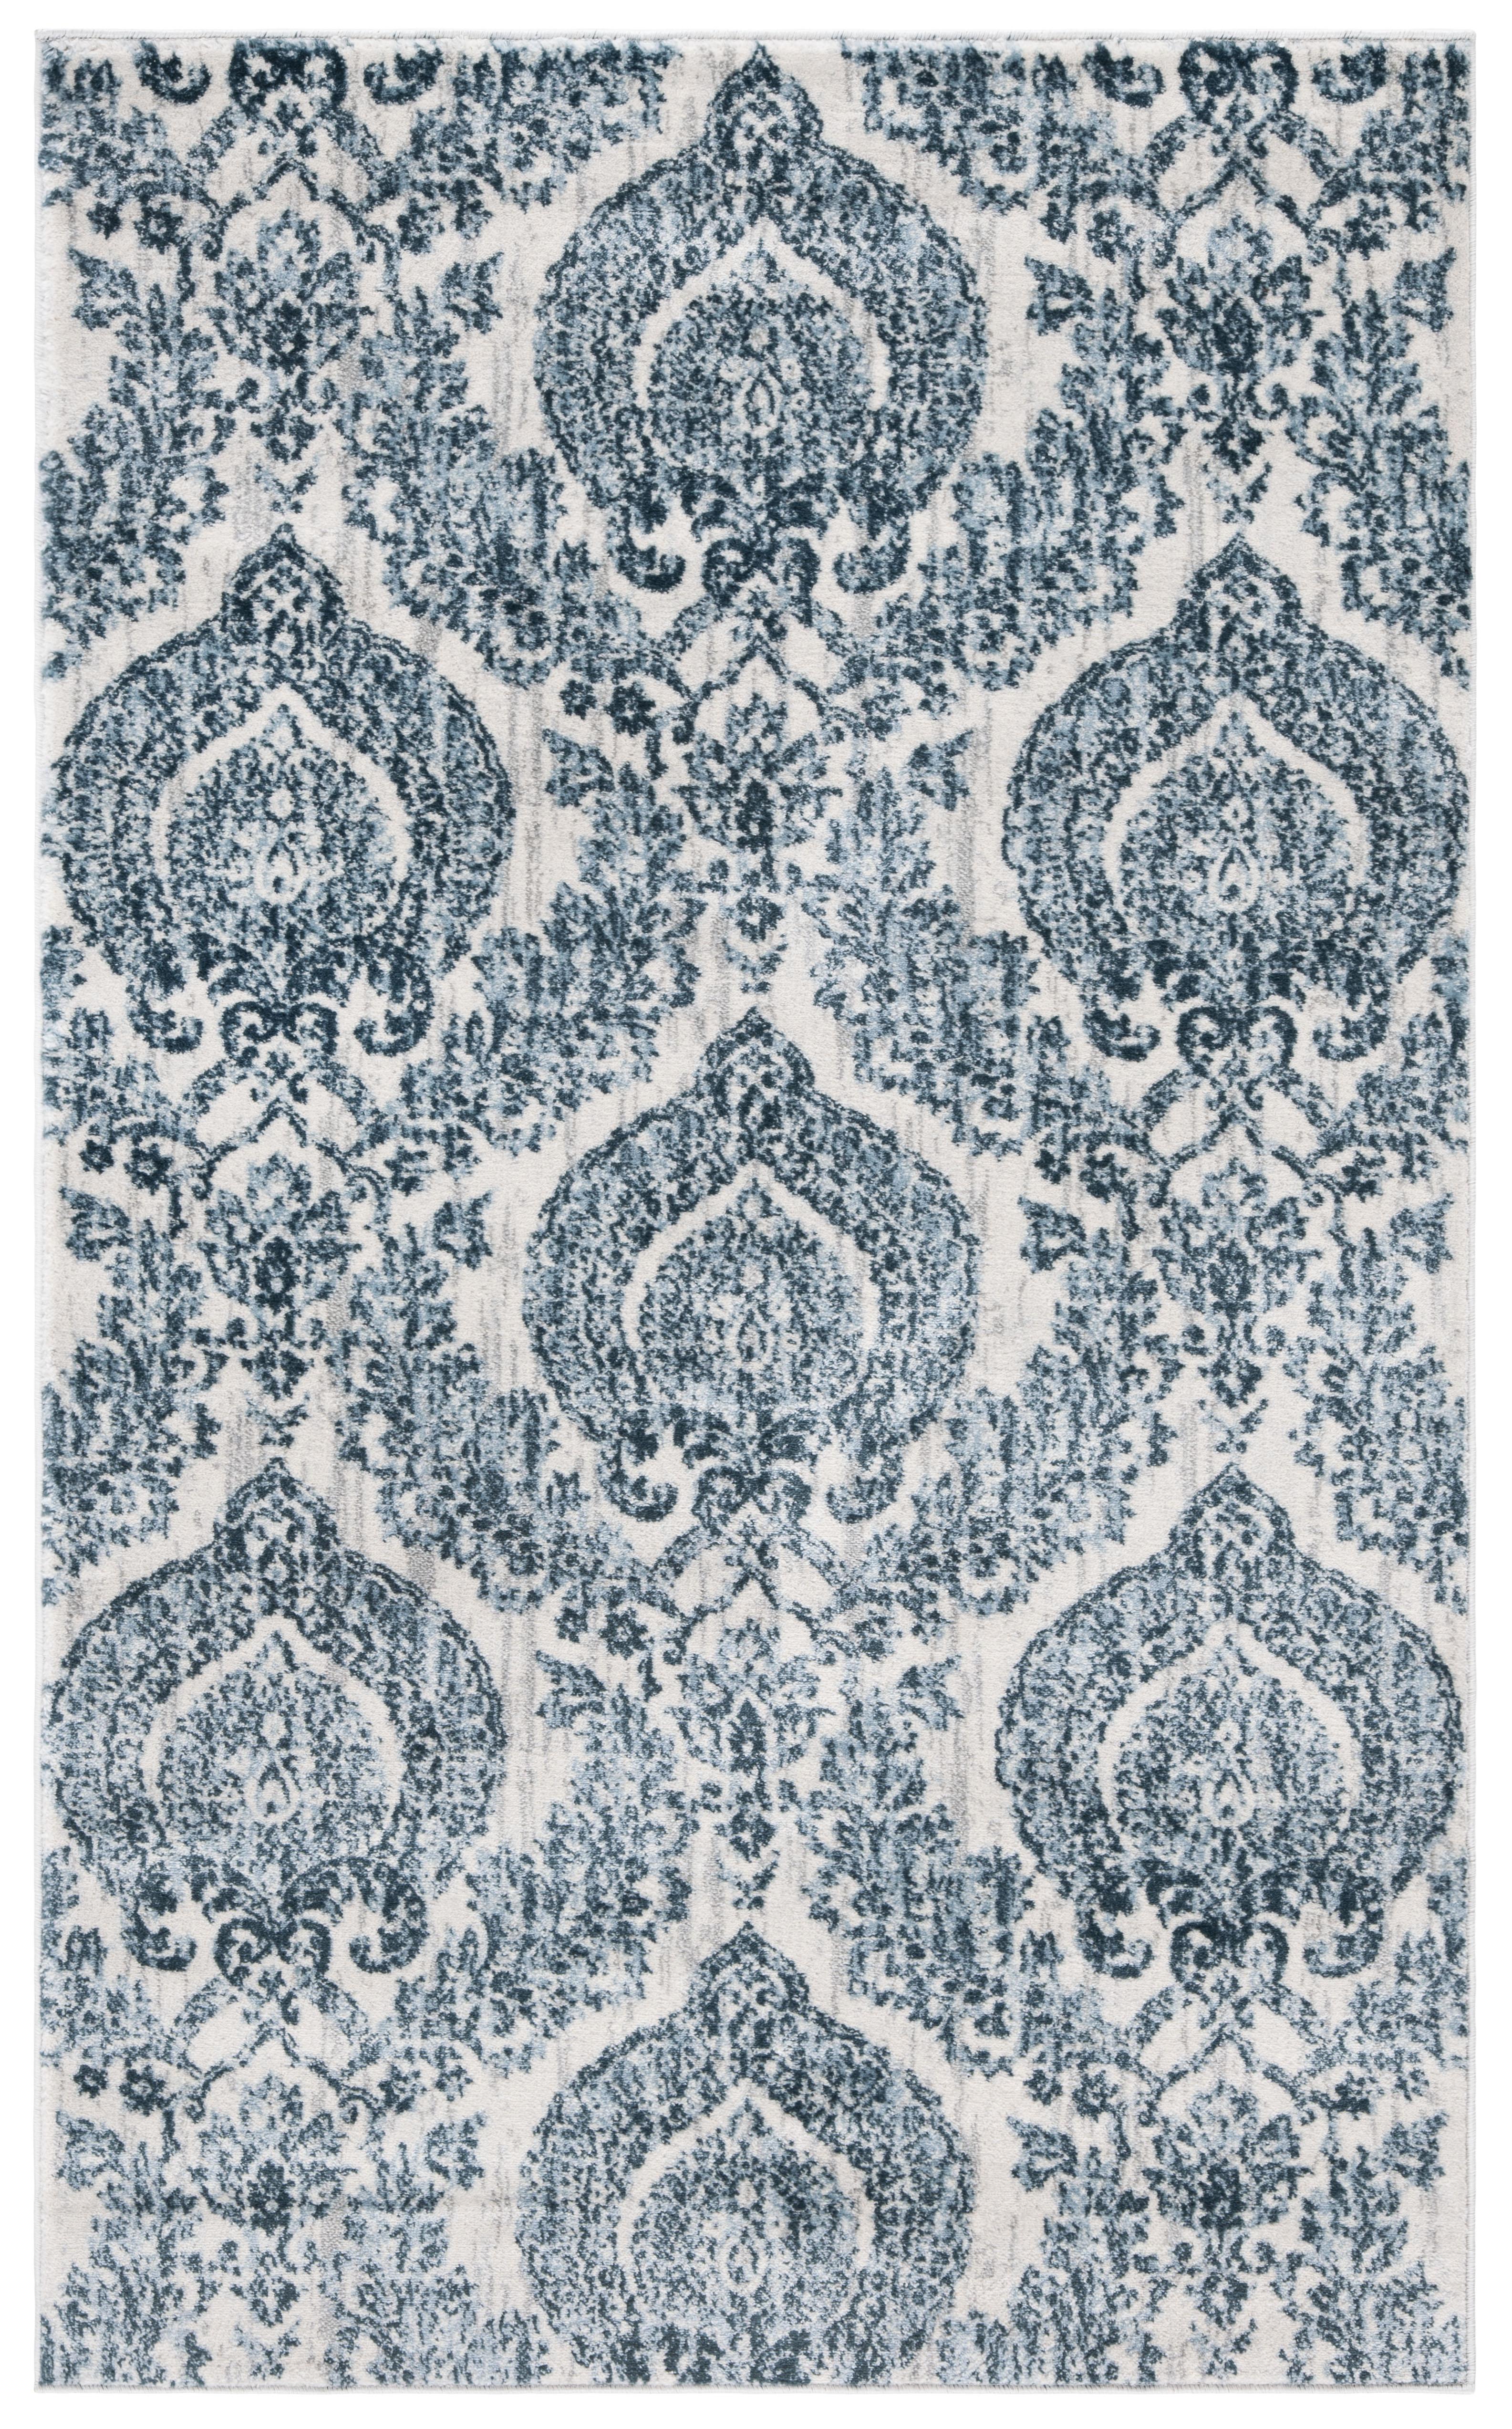 Tapis de salon classique bleu marine et ivoire 91x152